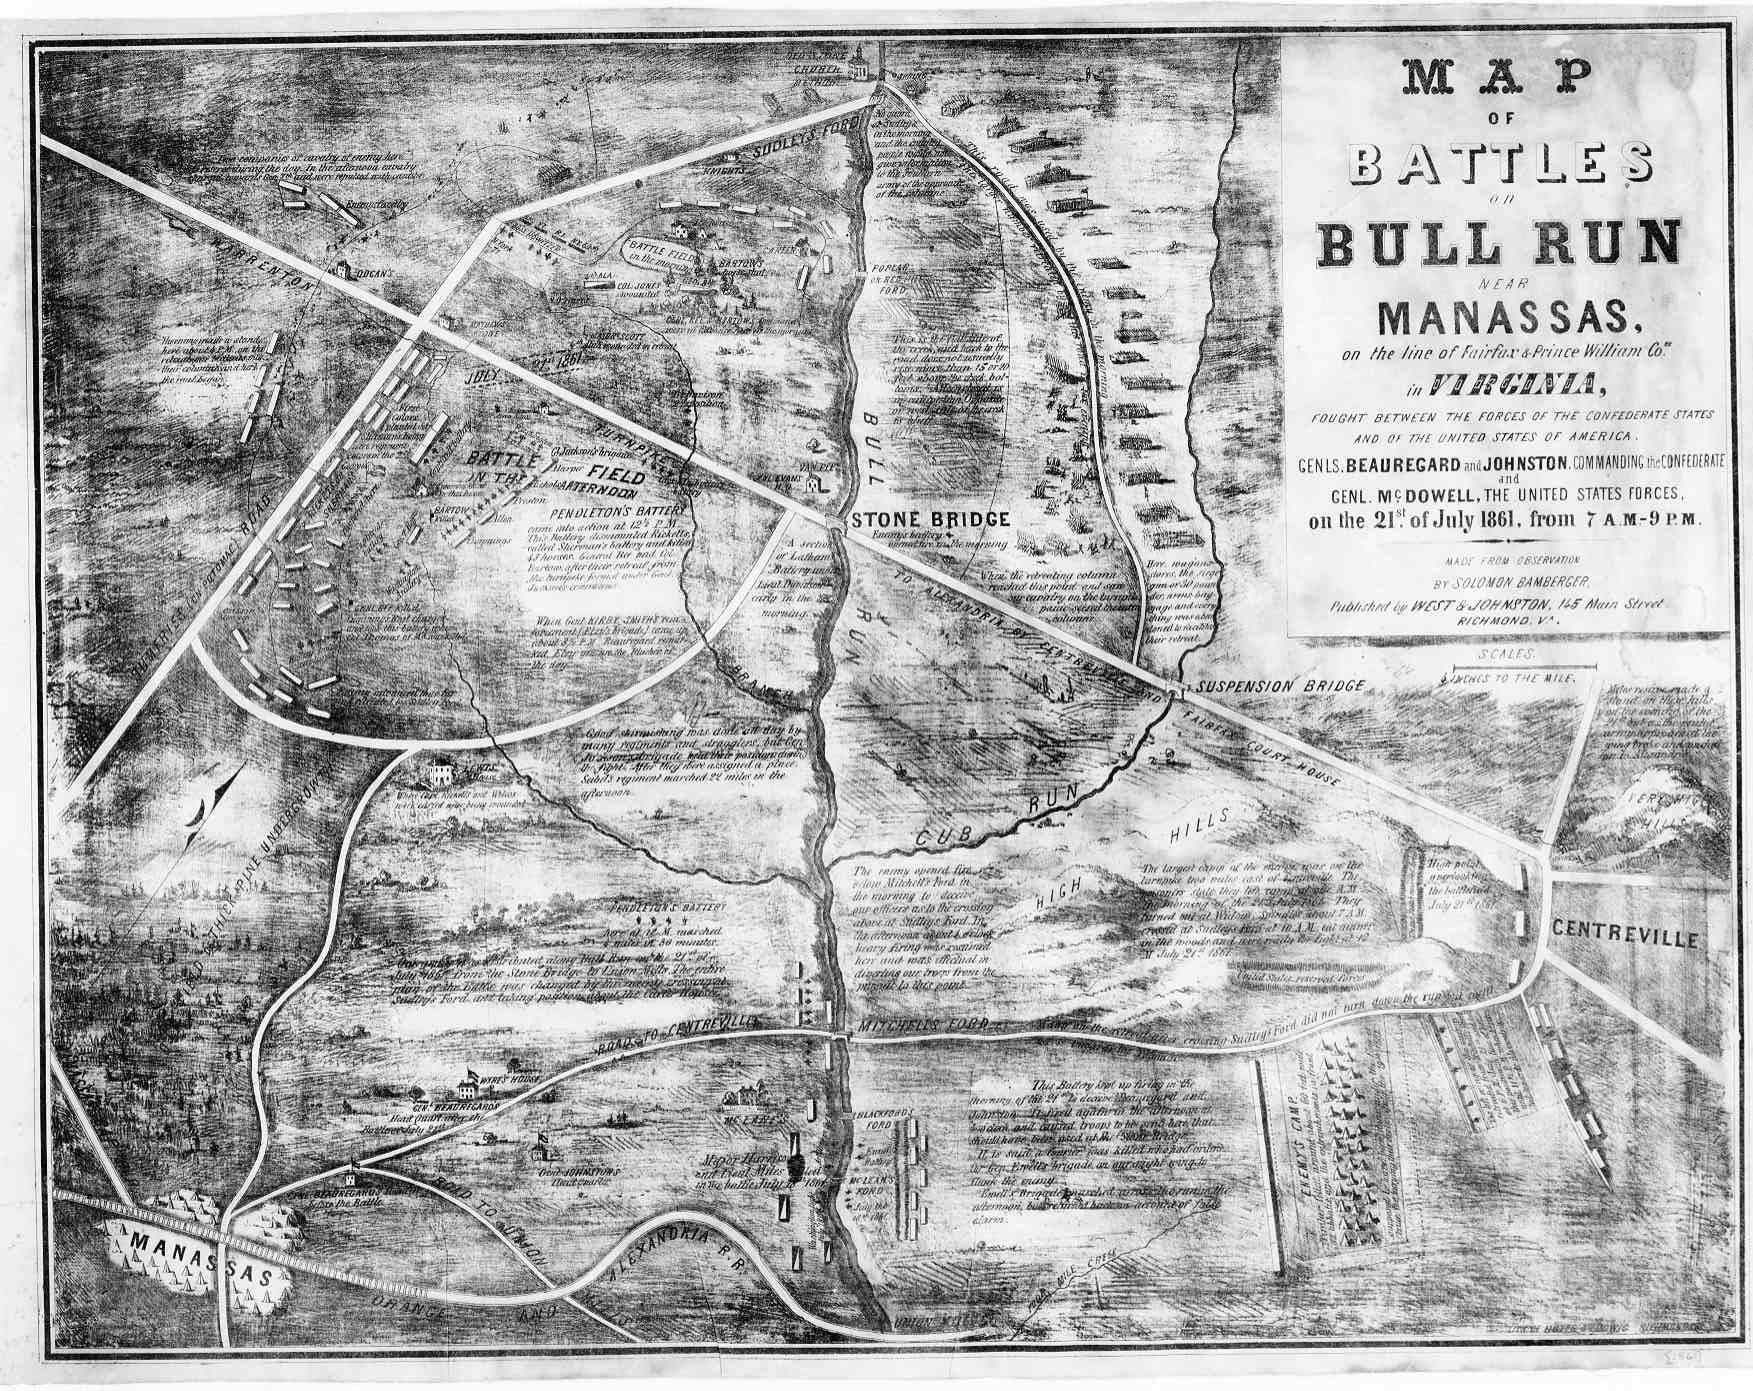 Map of battles on Bull Run near Manassas Bamberger 1861